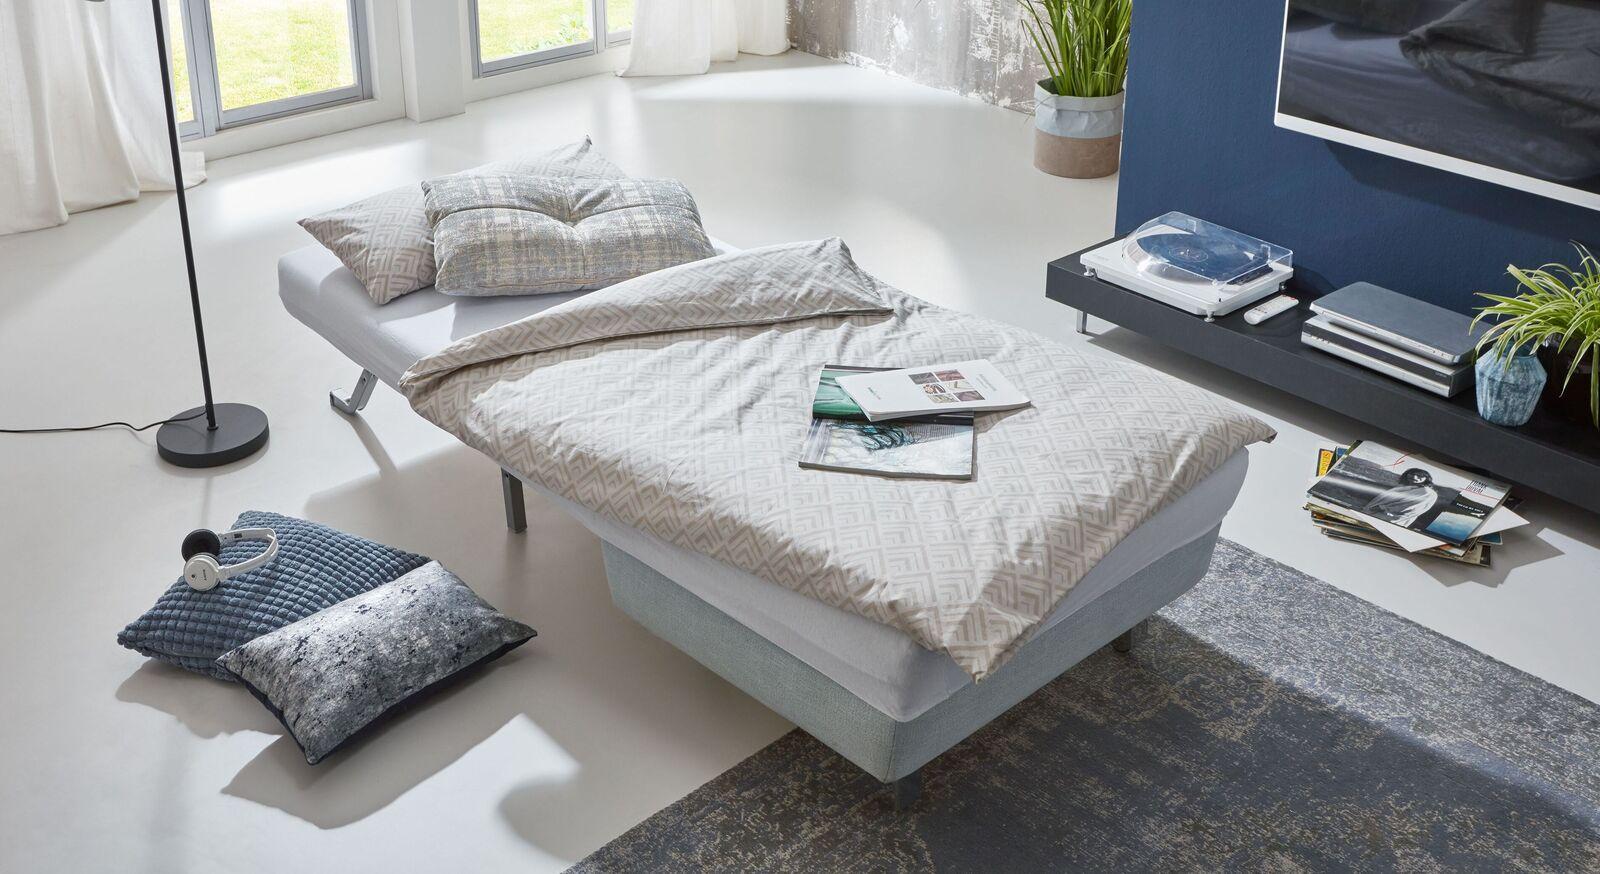 Schlafsessel Orsina mit Liegefläche für 1 Person